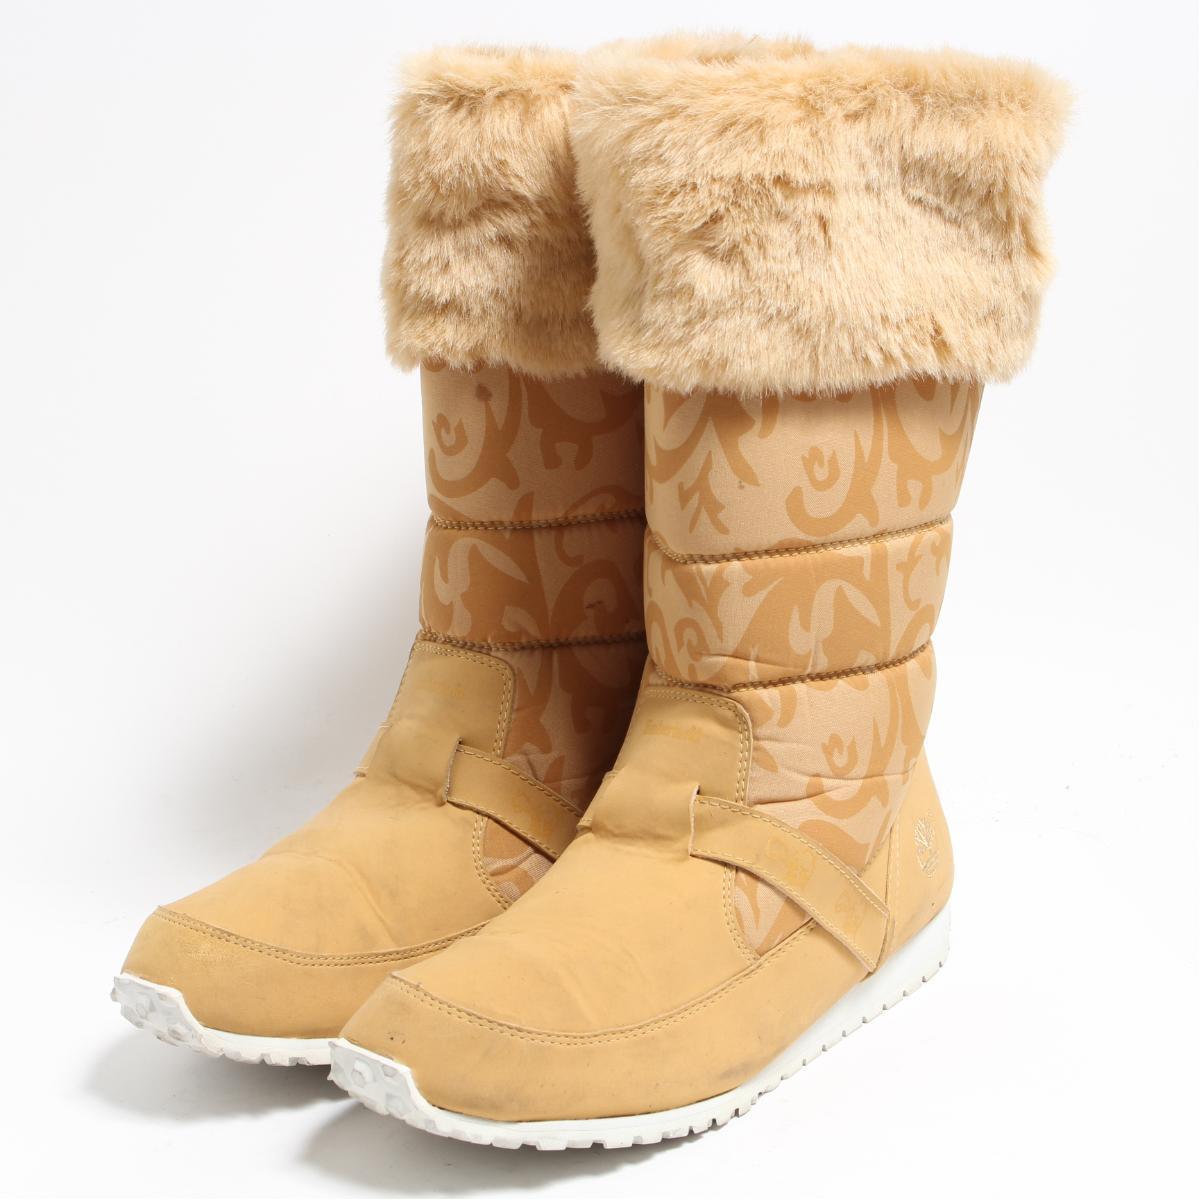 ブーツ, その他  Timberland 24.0cm bon5849 180923PD2001CS2003SS2006SS20 07CS2007SS2009